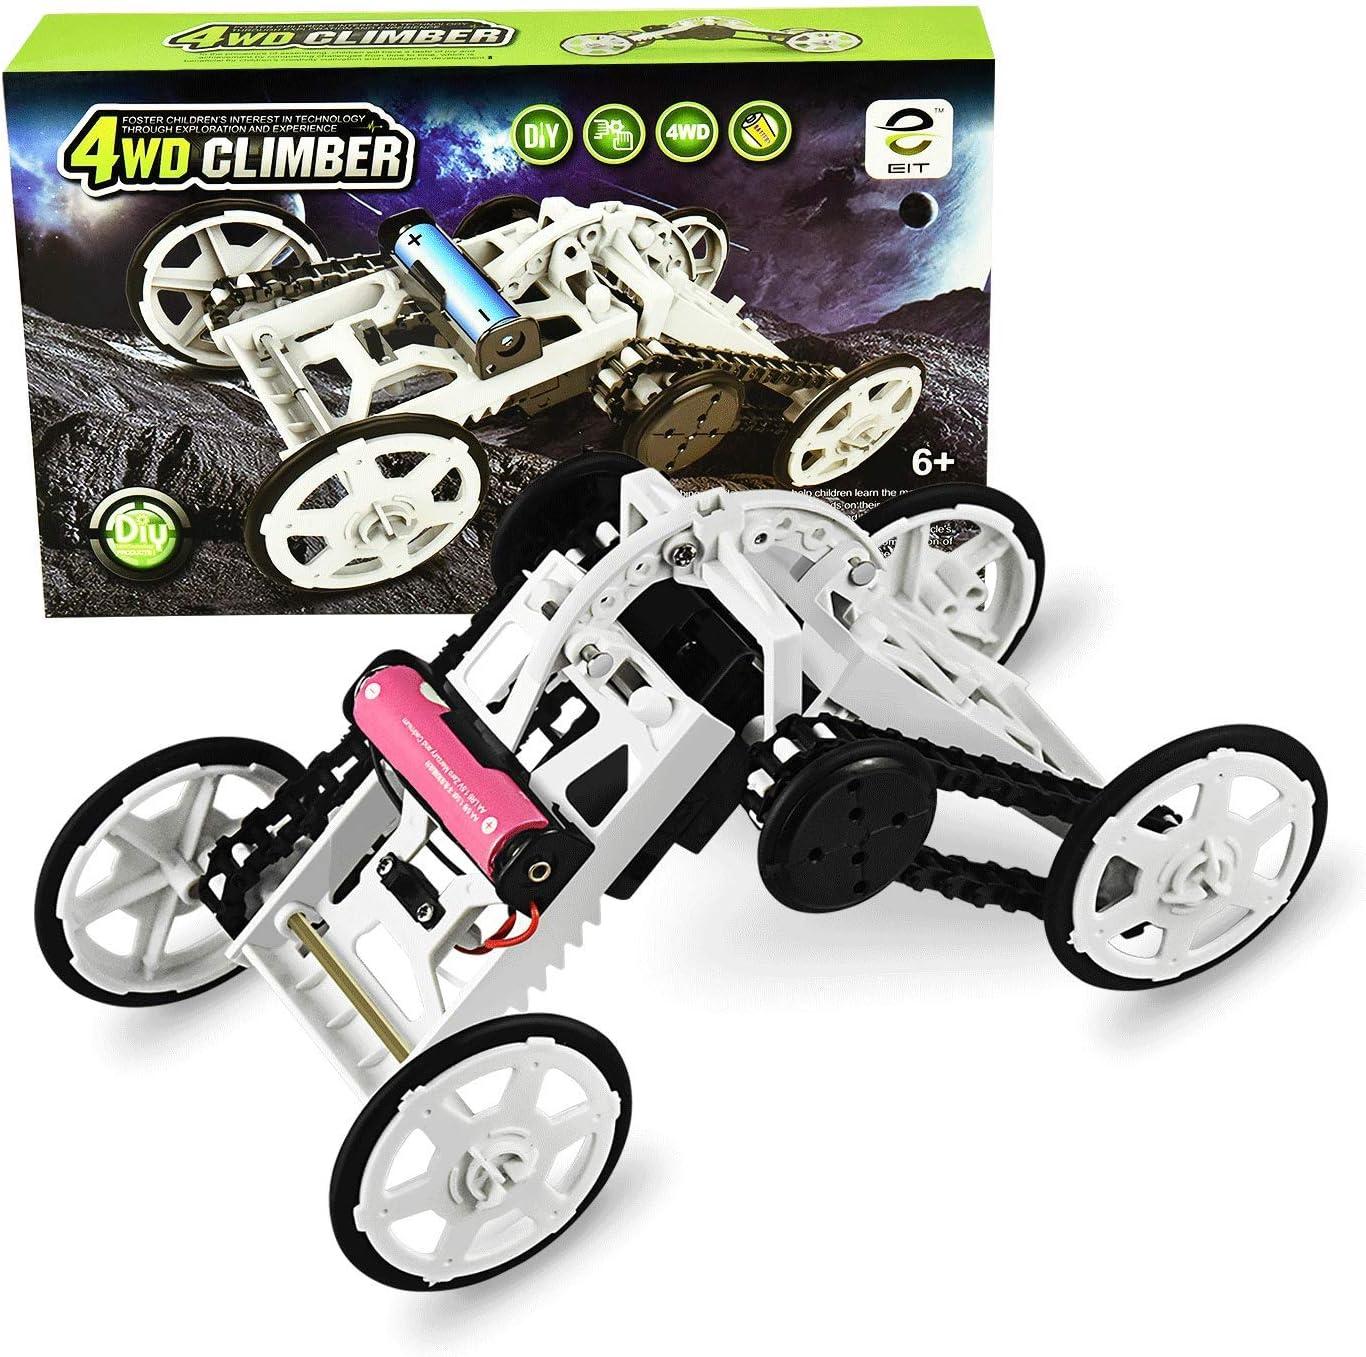 SOKY Proyectos de construcción de circuitos de vehículos de Escalada DIY para niños: Juguetes electrónicos (Blanco)